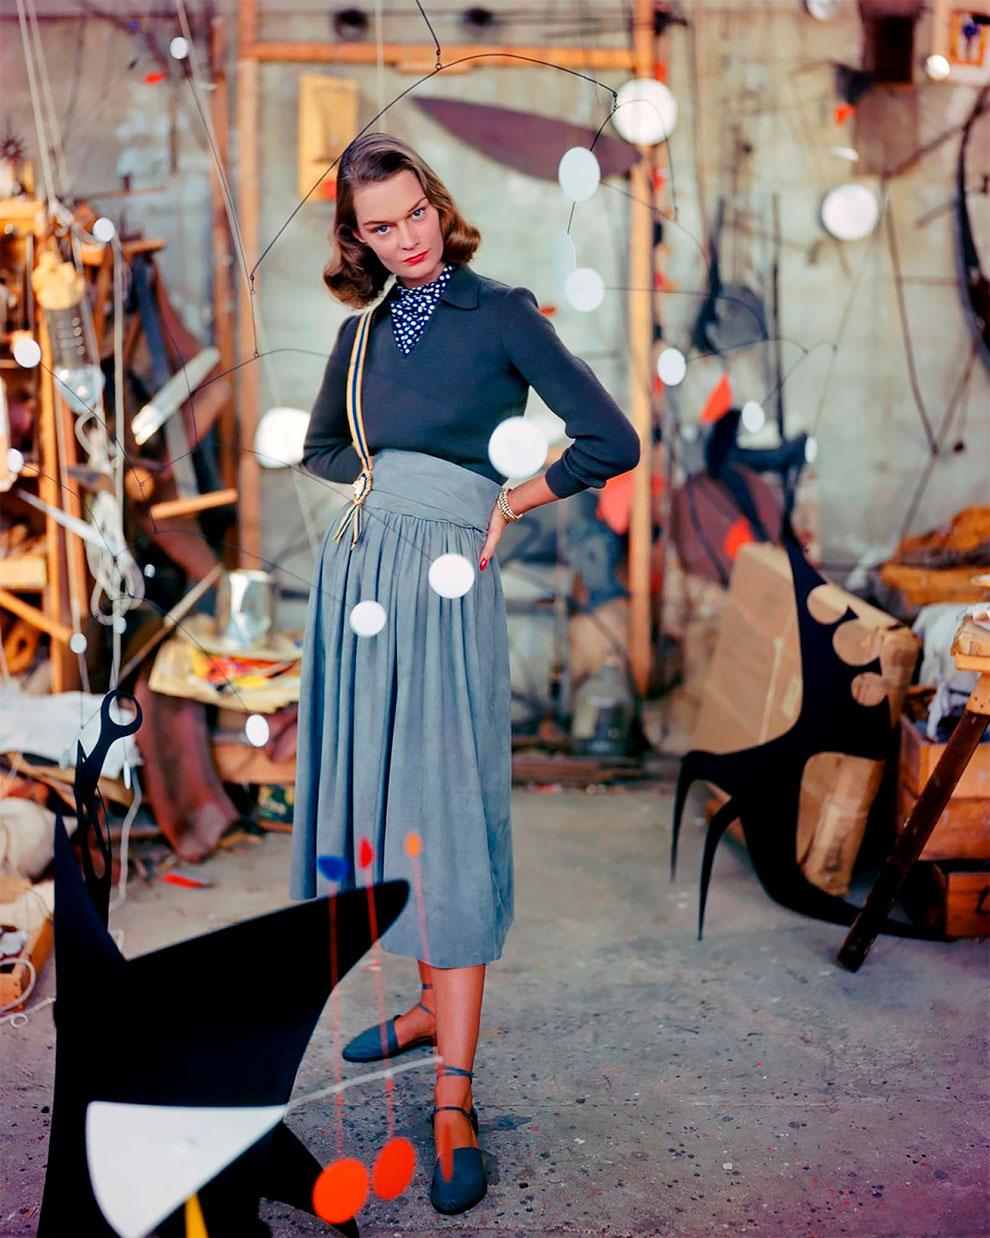 В потрясающих цветах фото Женевьевы Нейлор, 1945-1959 (9).jpg